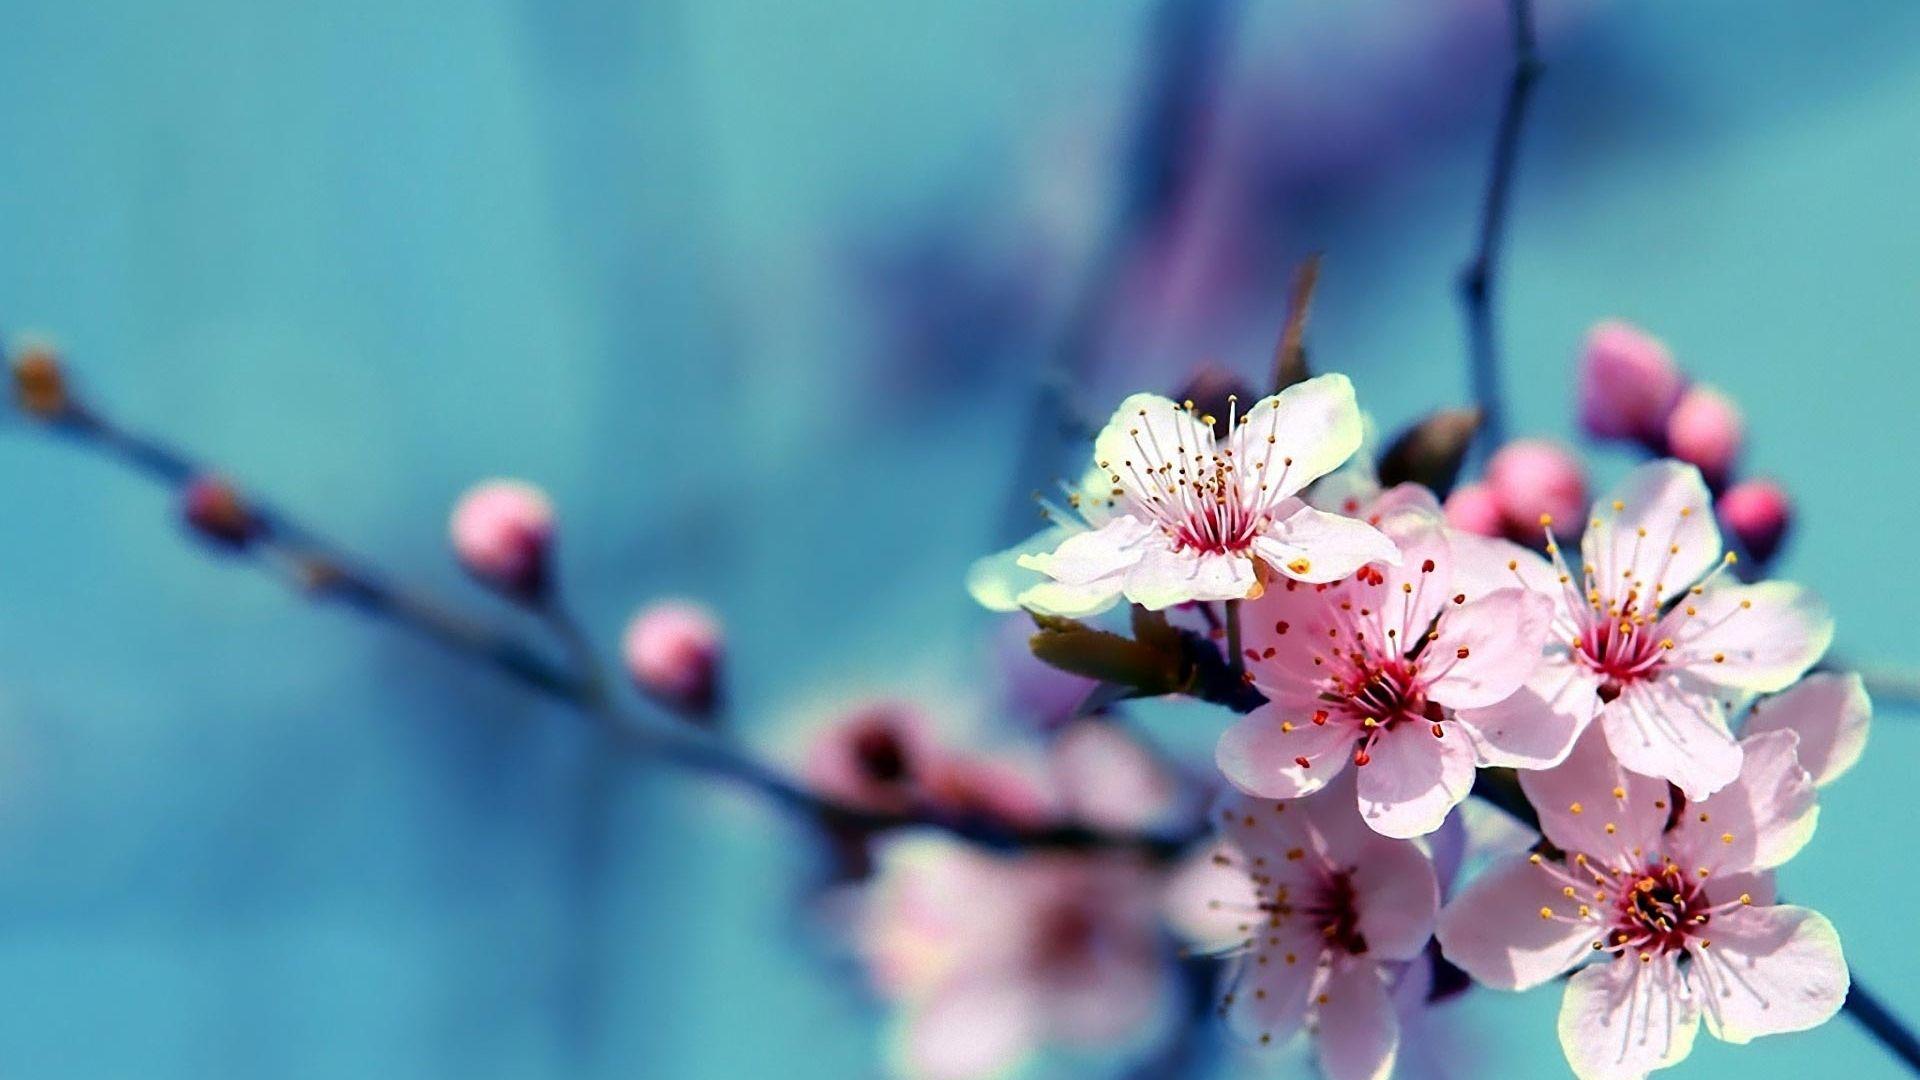 wallpapers de flores de cerezo para fondo de pantalla en